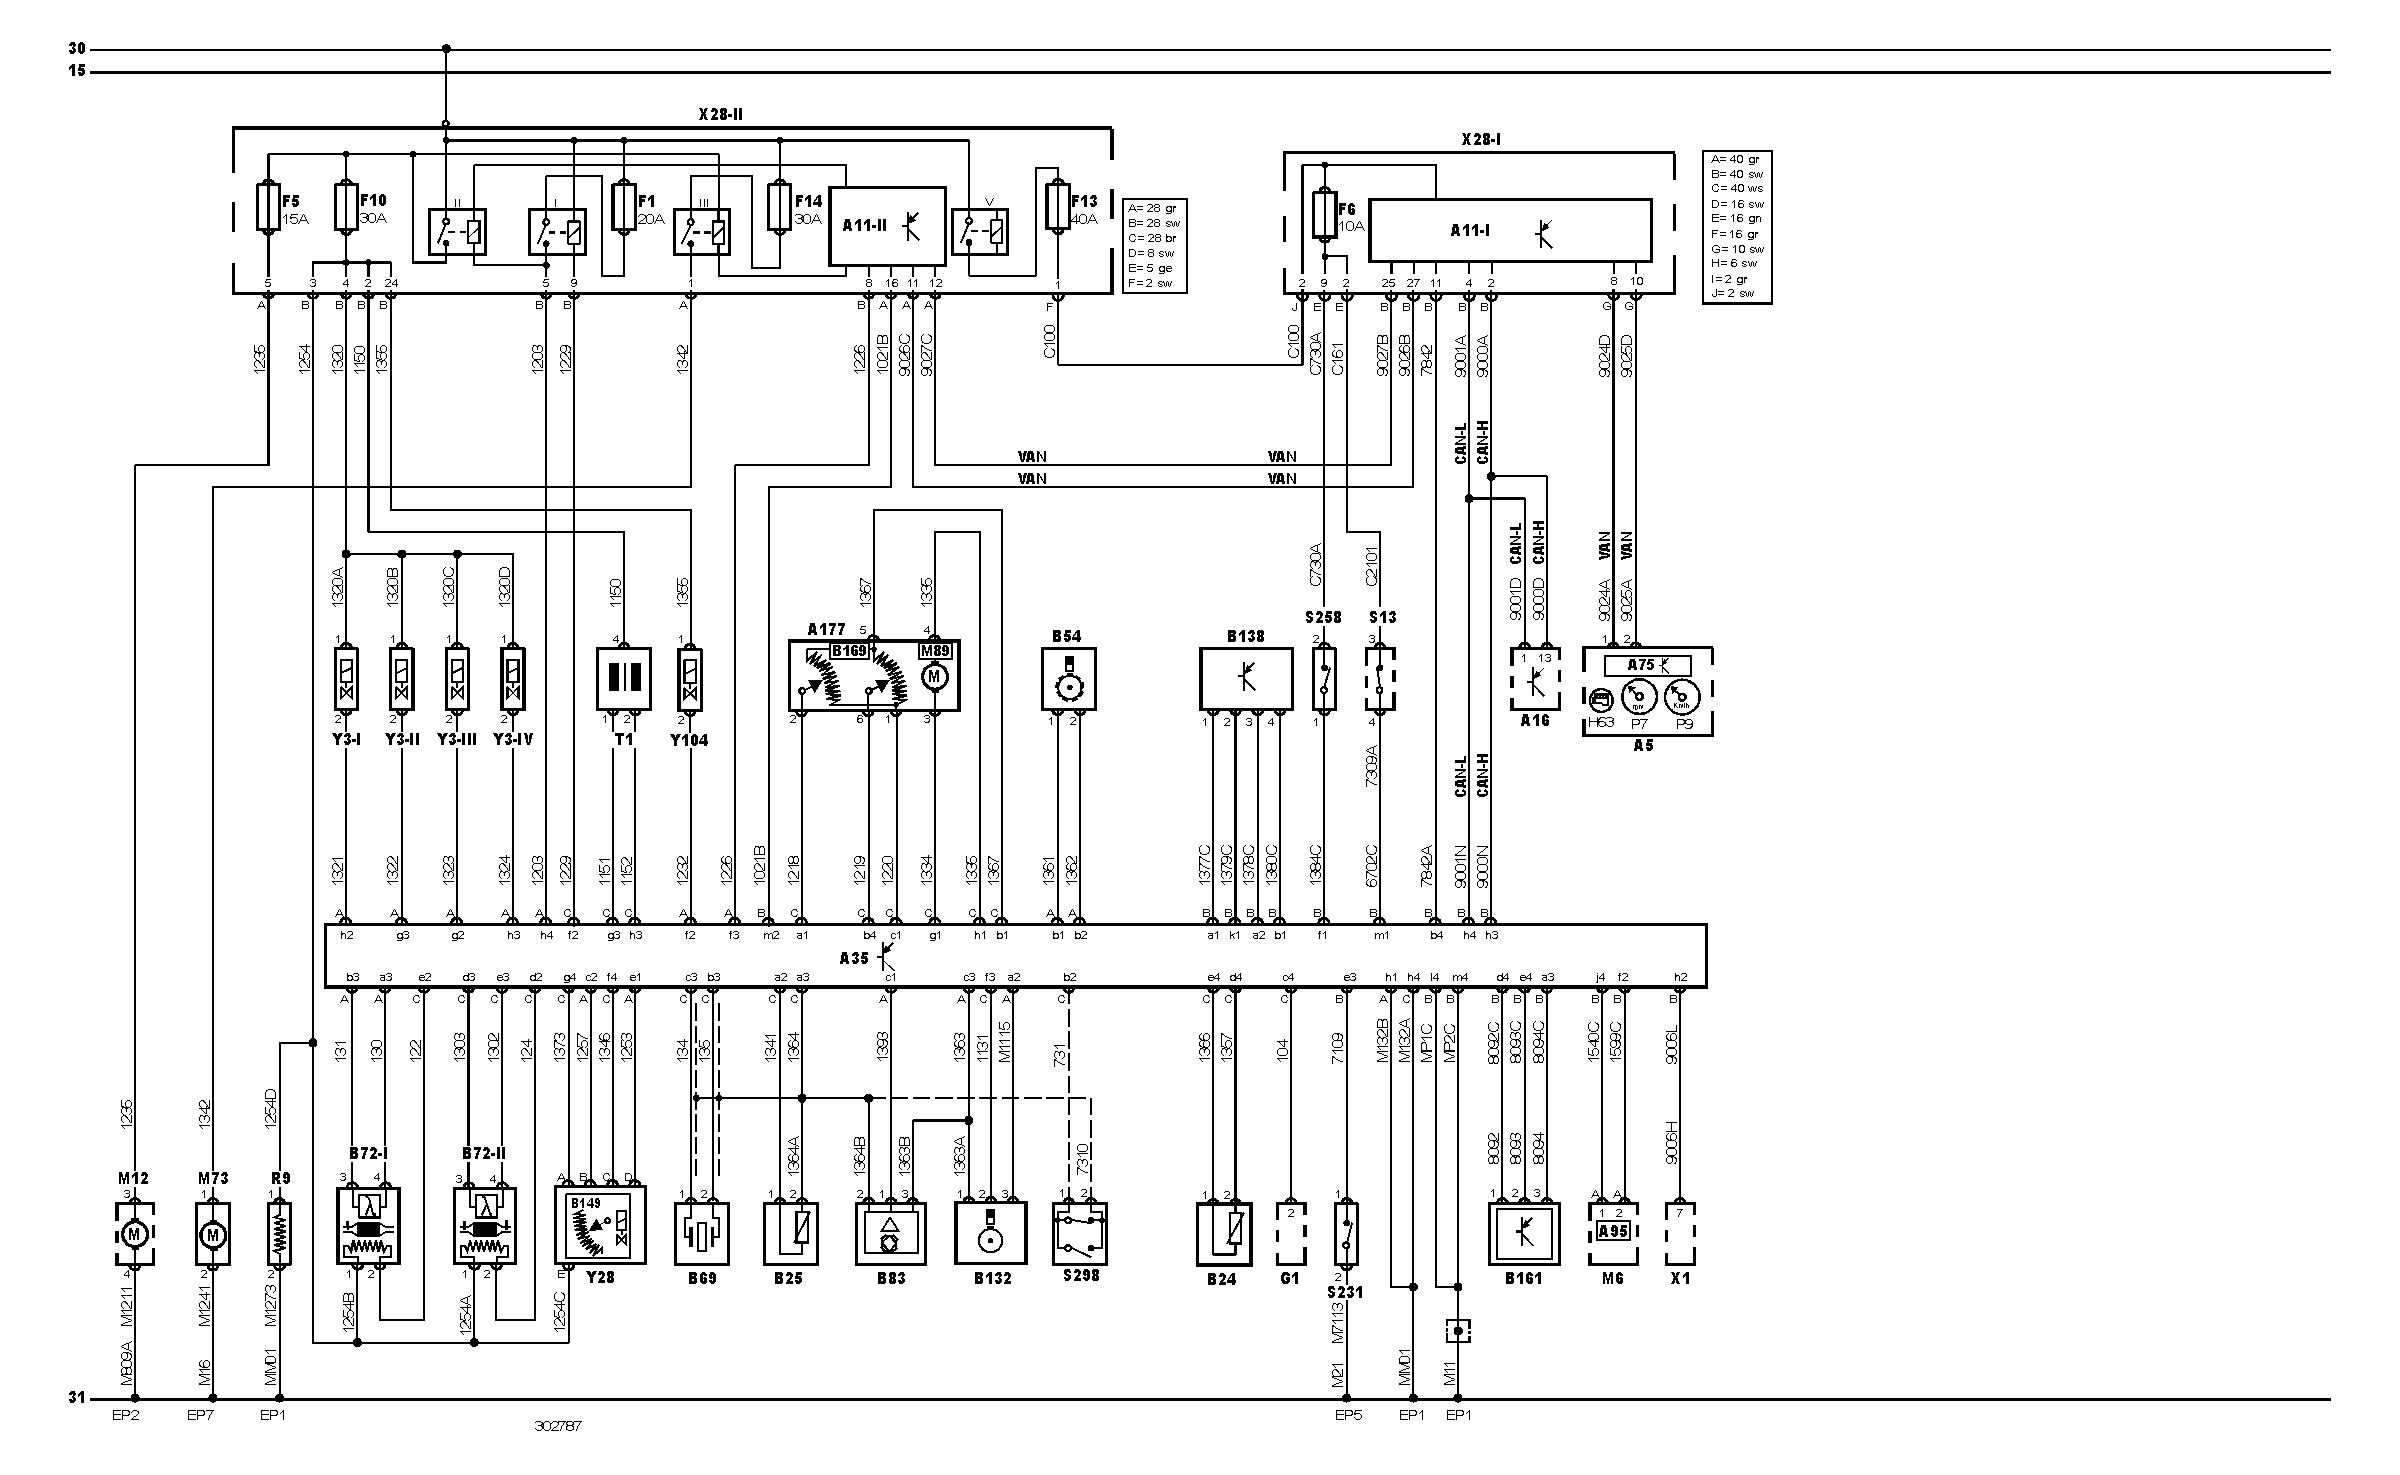 Poszukuj Schemat Instalacji Elektrycznej Peugeot 407 R 1 8 Benzyna 116km